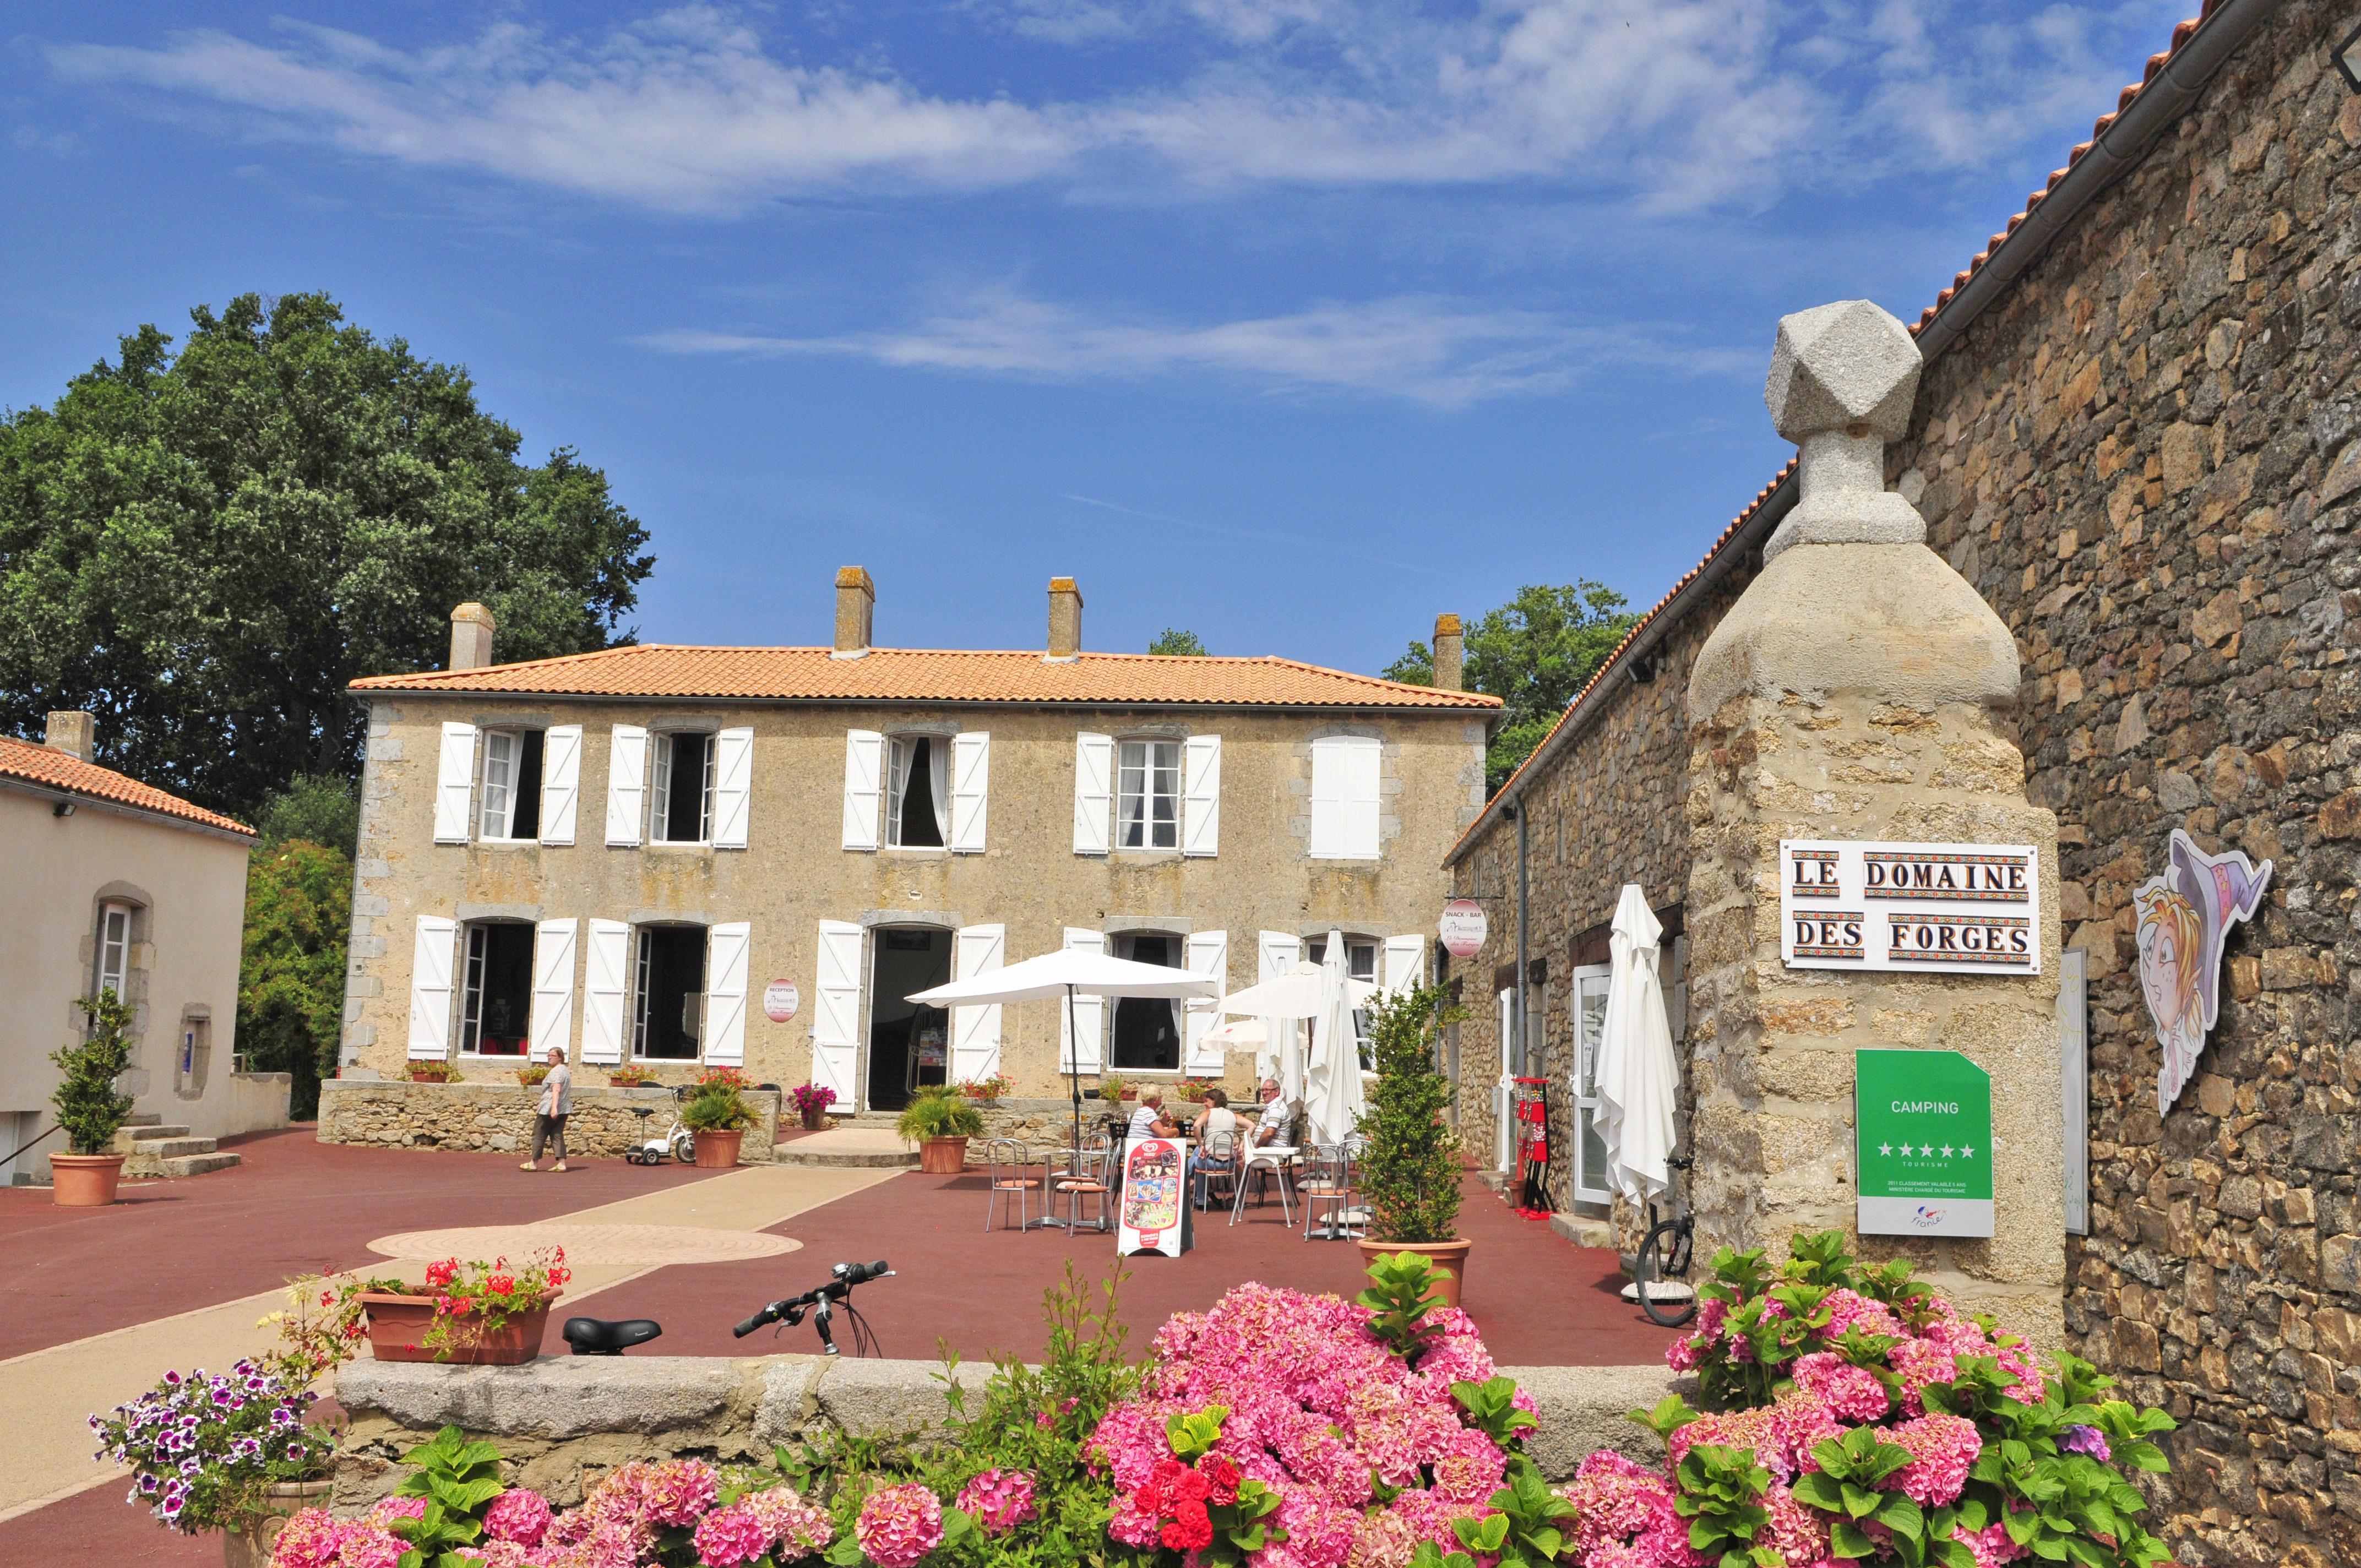 Capfun Domaine des Forges, Avrillé, Vendée